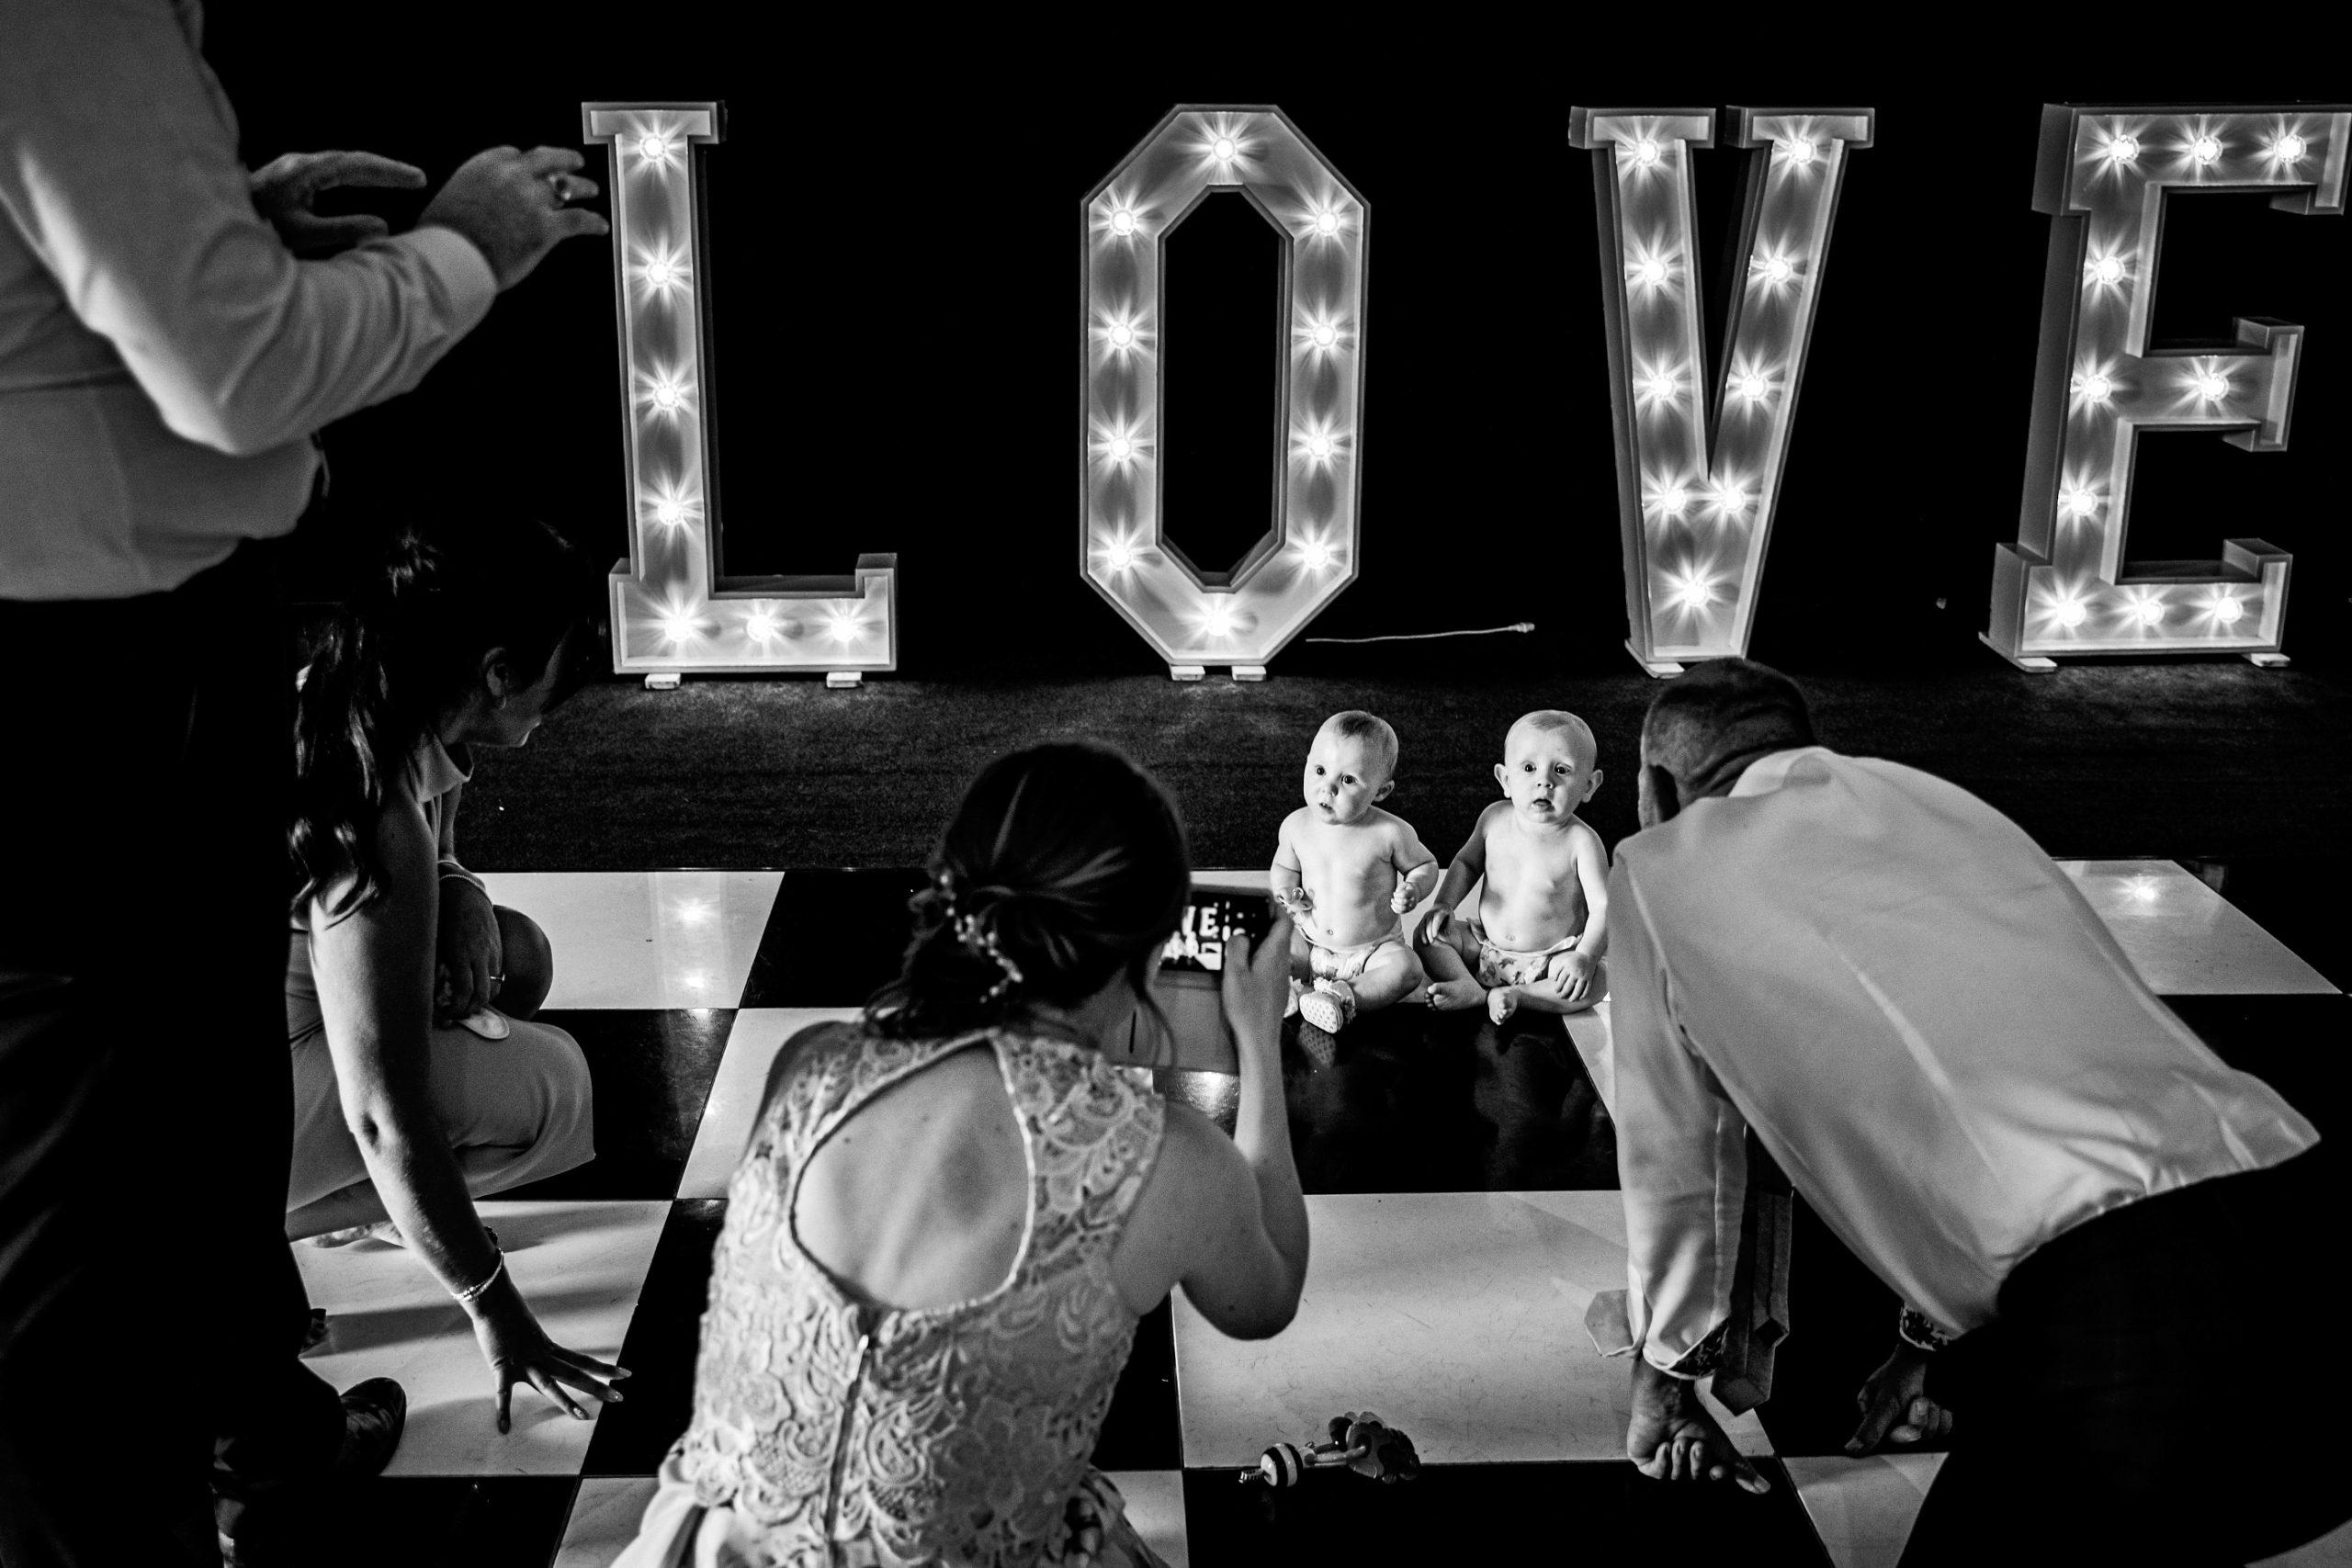 normanton-church-wedding-photography-25